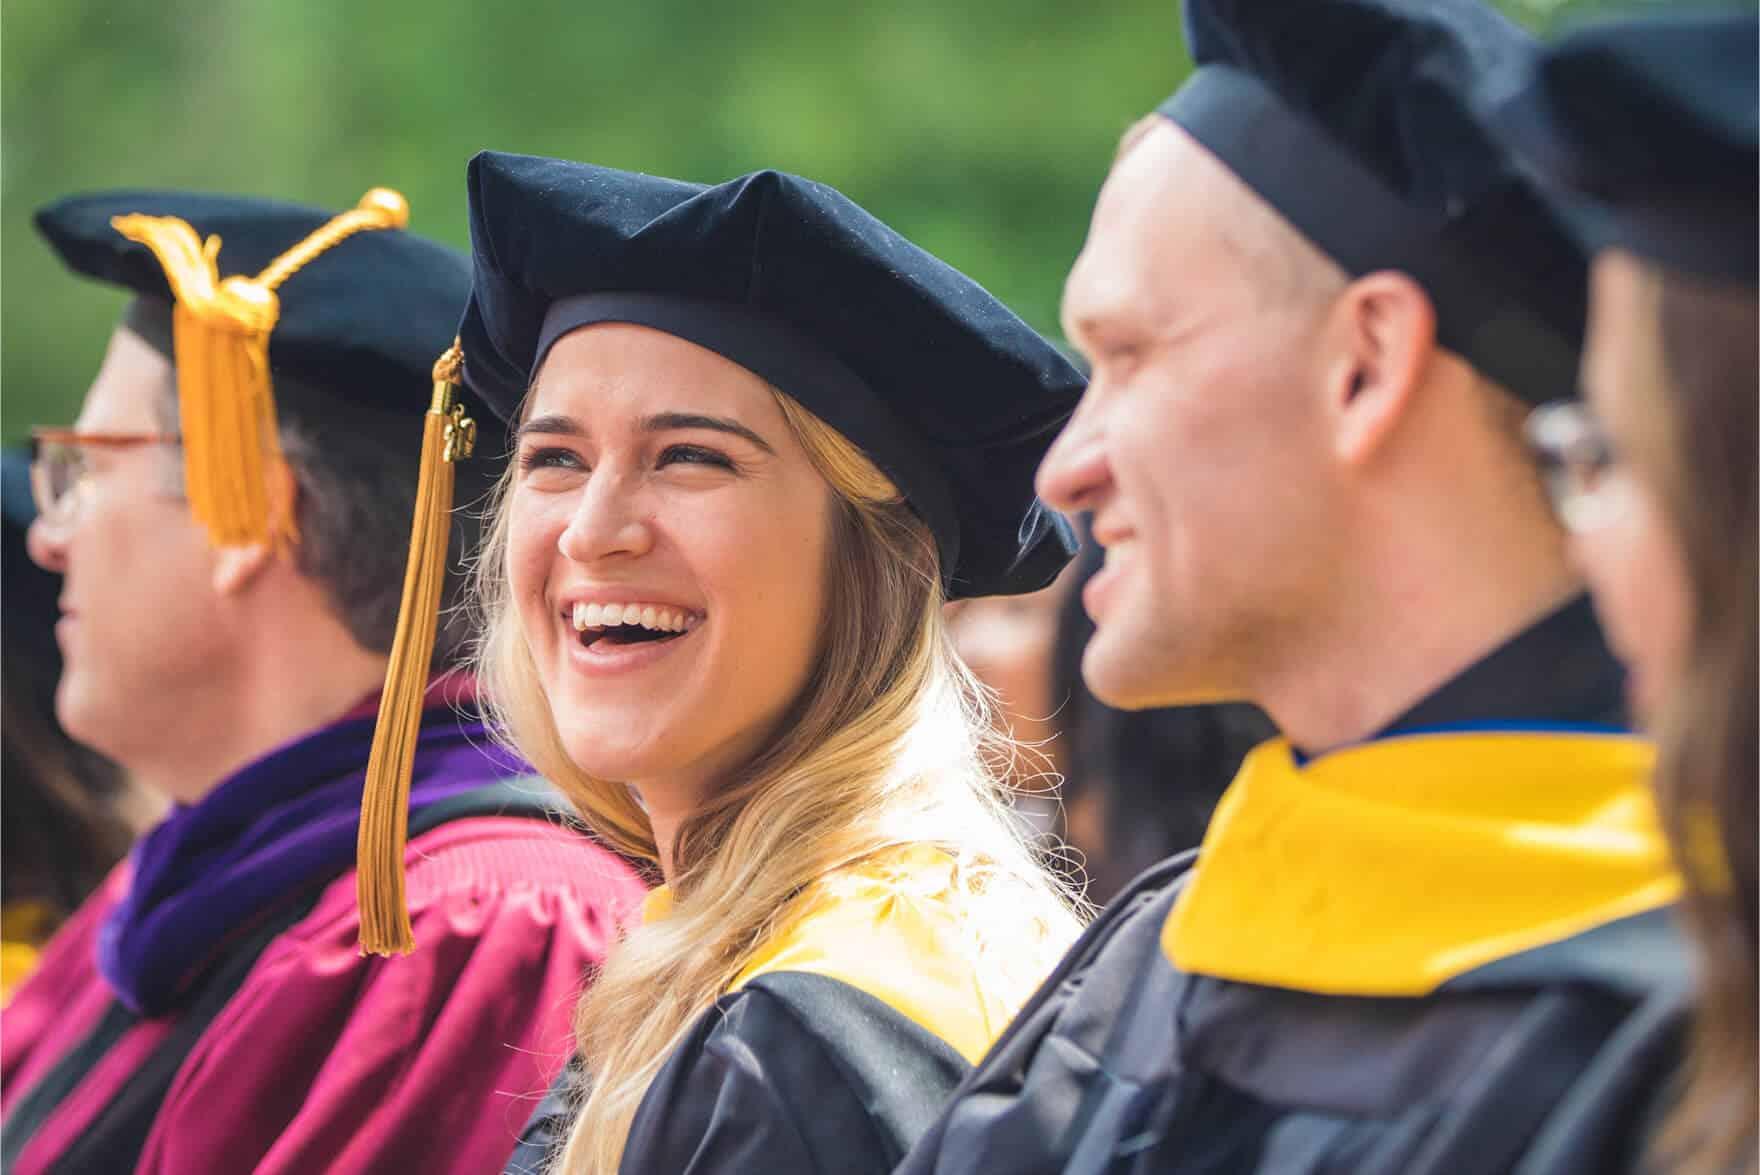 Regent University doctoral graduates during the commencement ceremony in Virginia Beach, VA 23464.